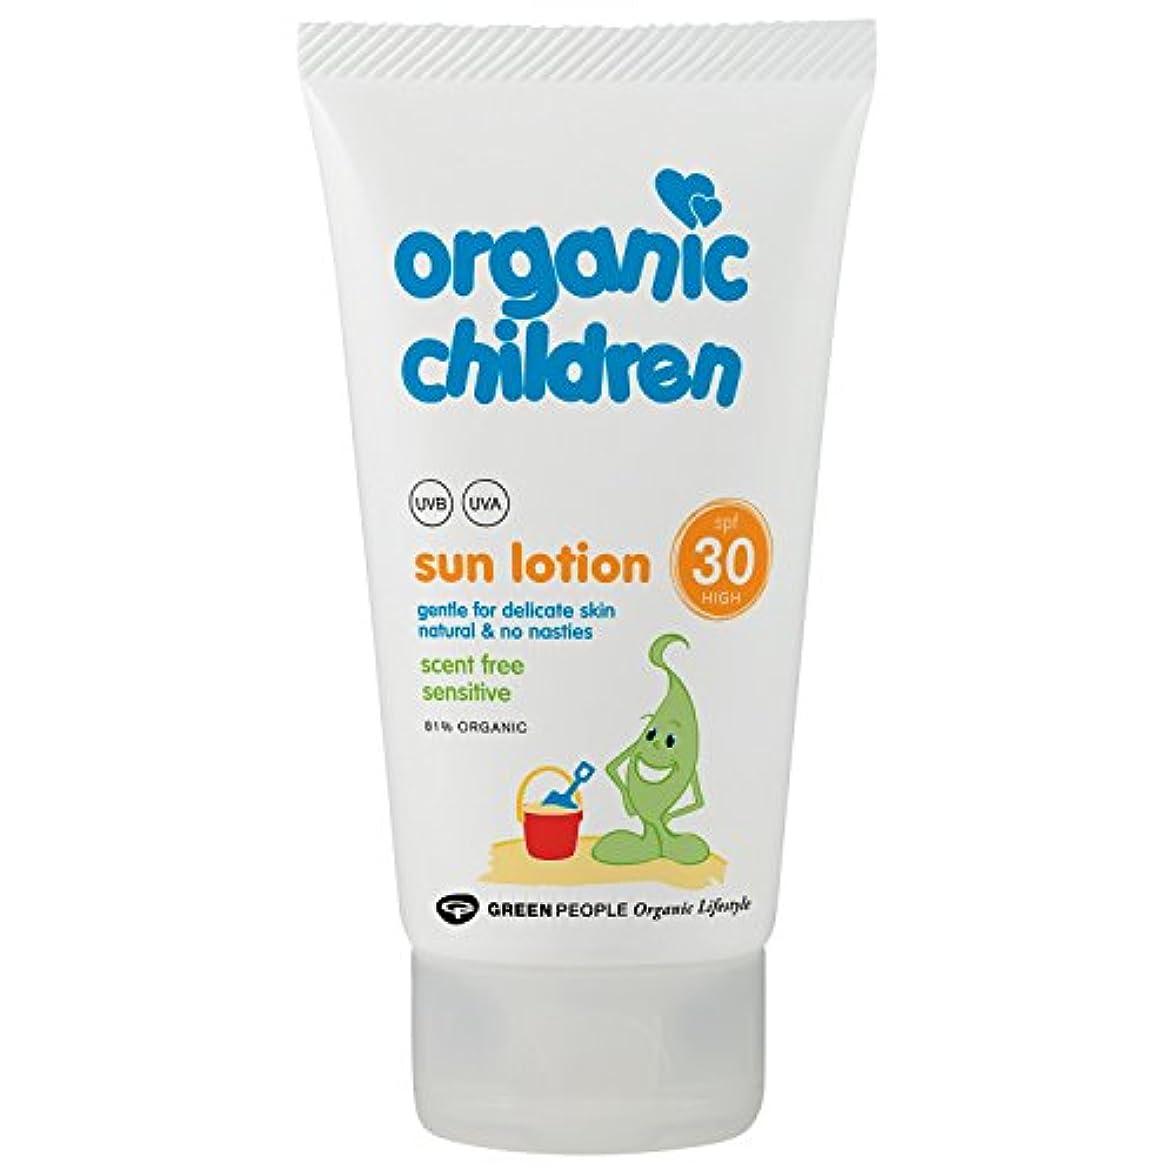 傑作儀式偶然のOrganic Children SPF 30 Sun Lotion 150g - 有機子どもたちは30日のローション150グラムを [並行輸入品]